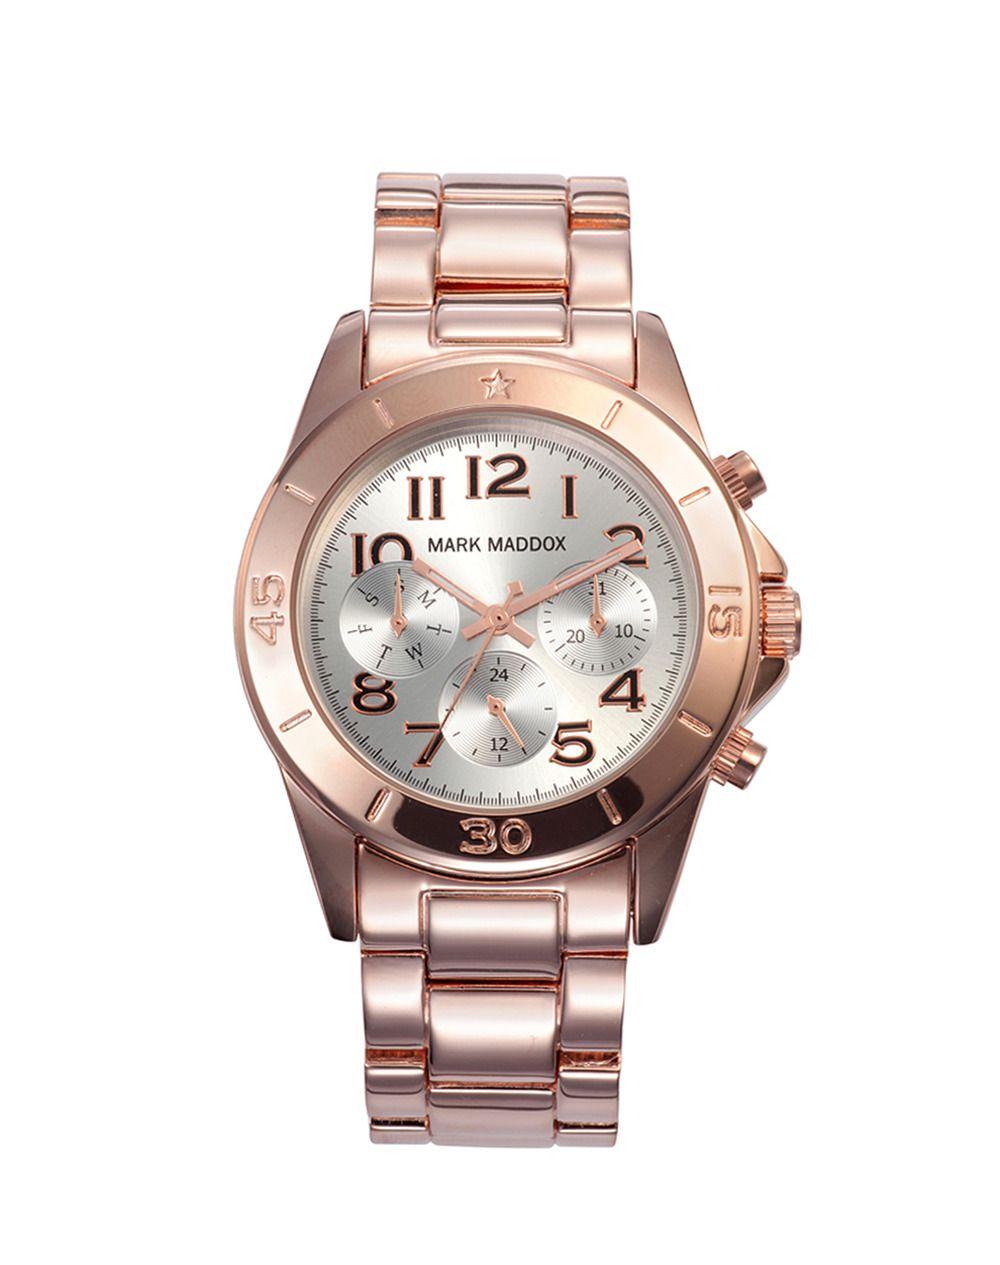 b936e22d0b1d Reloj de mujer Mark Maddox de El Corte Inglés | Watches perfect ...